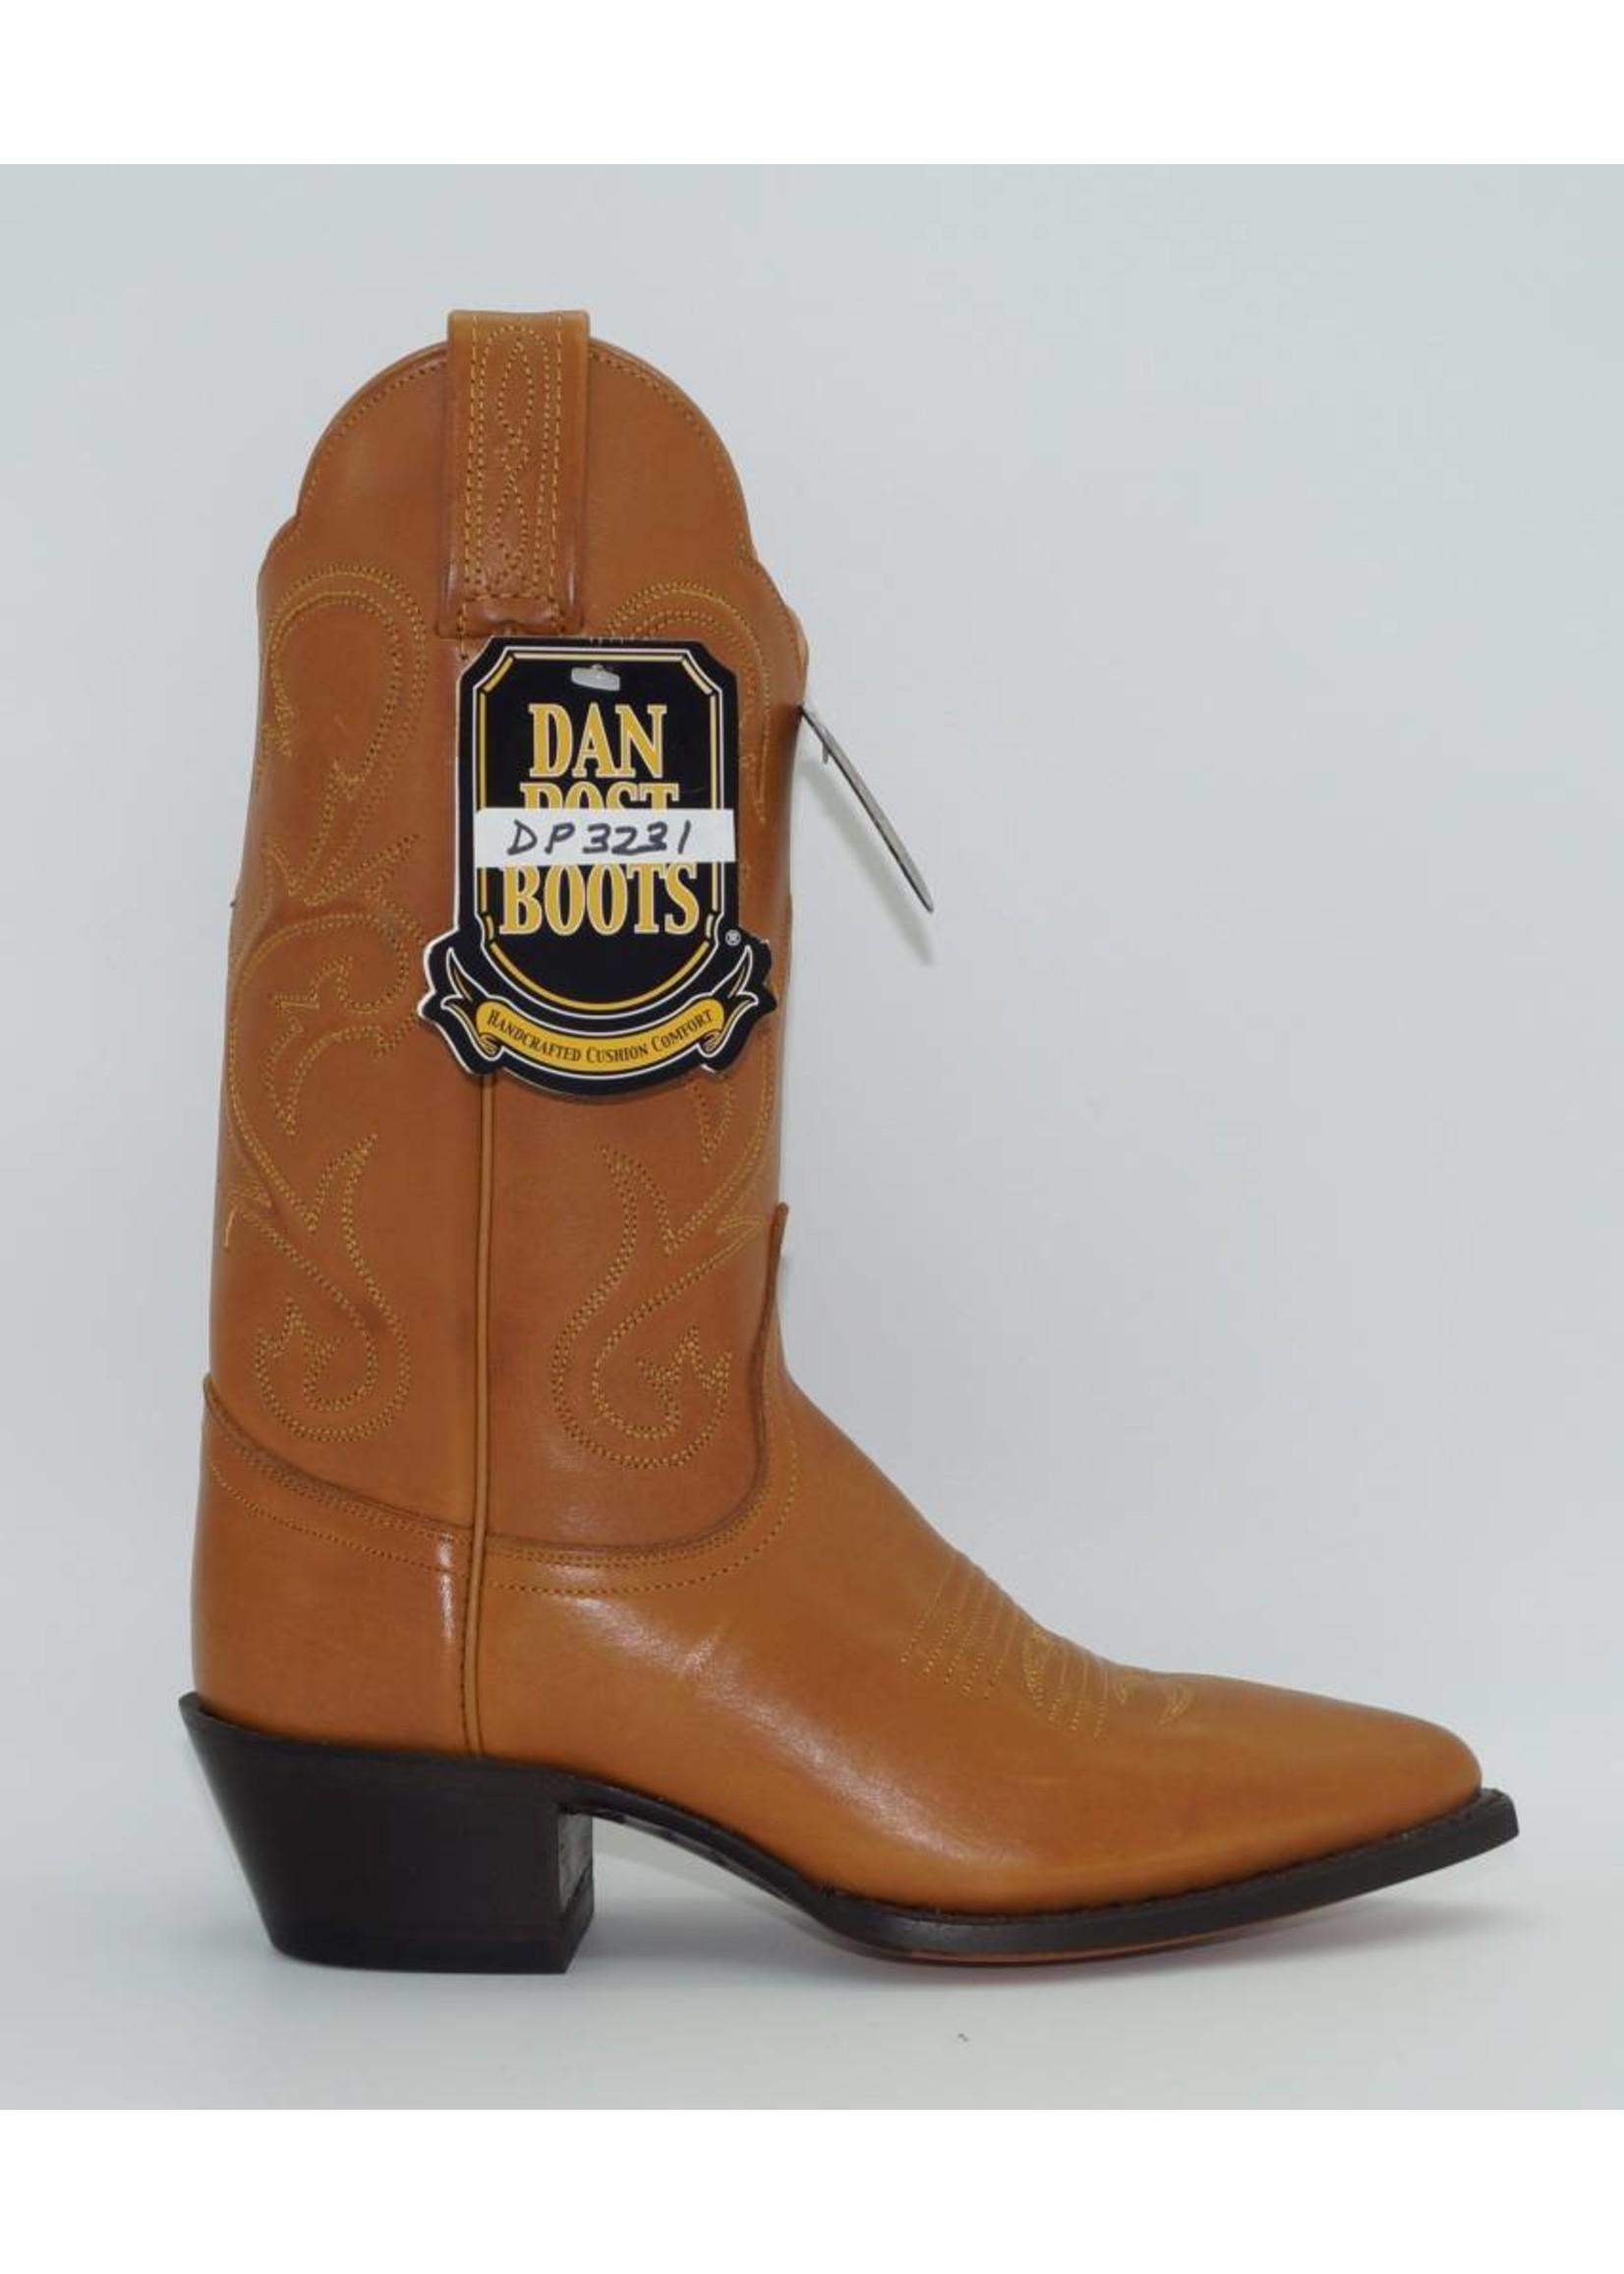 Dan Post Women's Western Boots DP3231